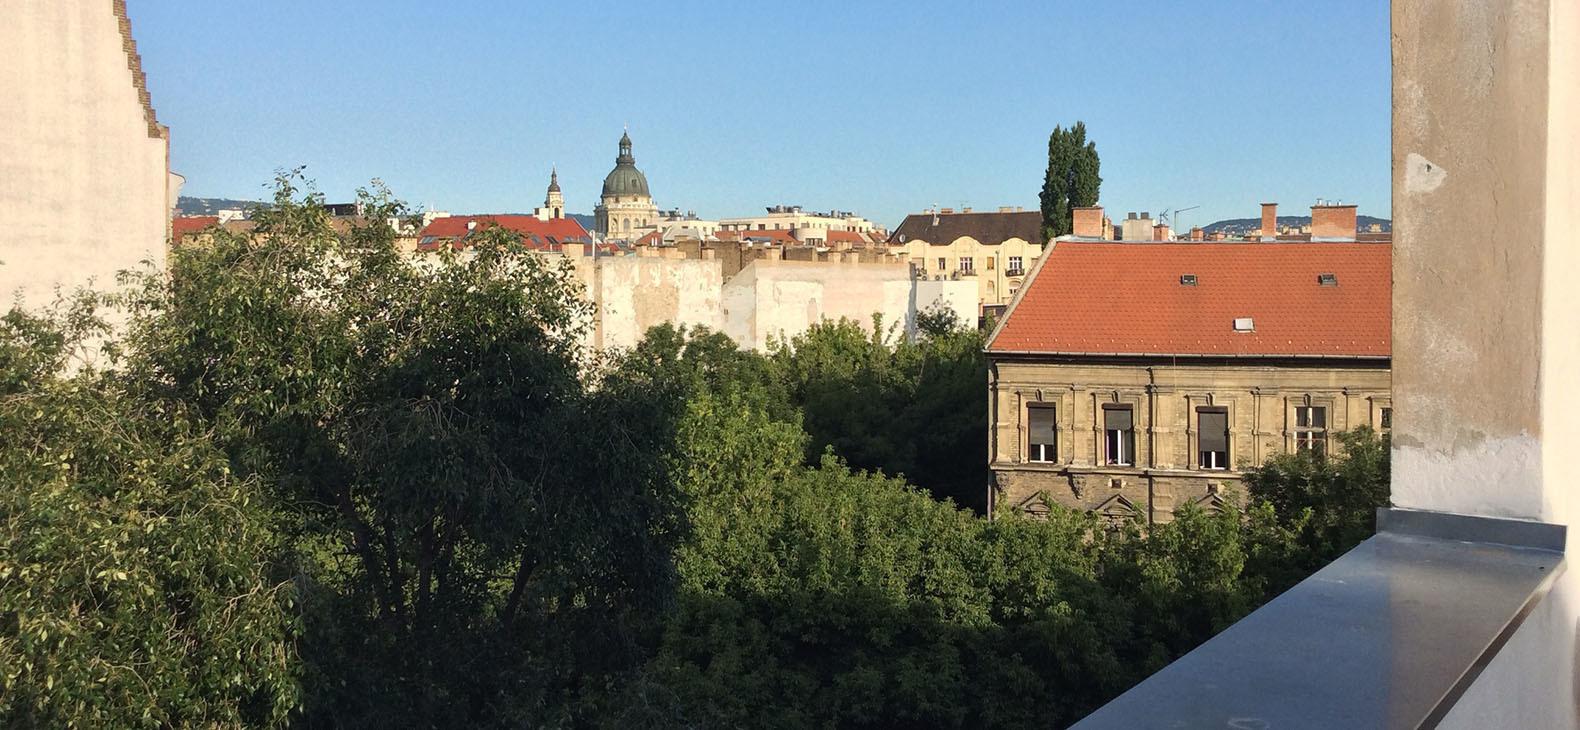 Transfer > Budapest